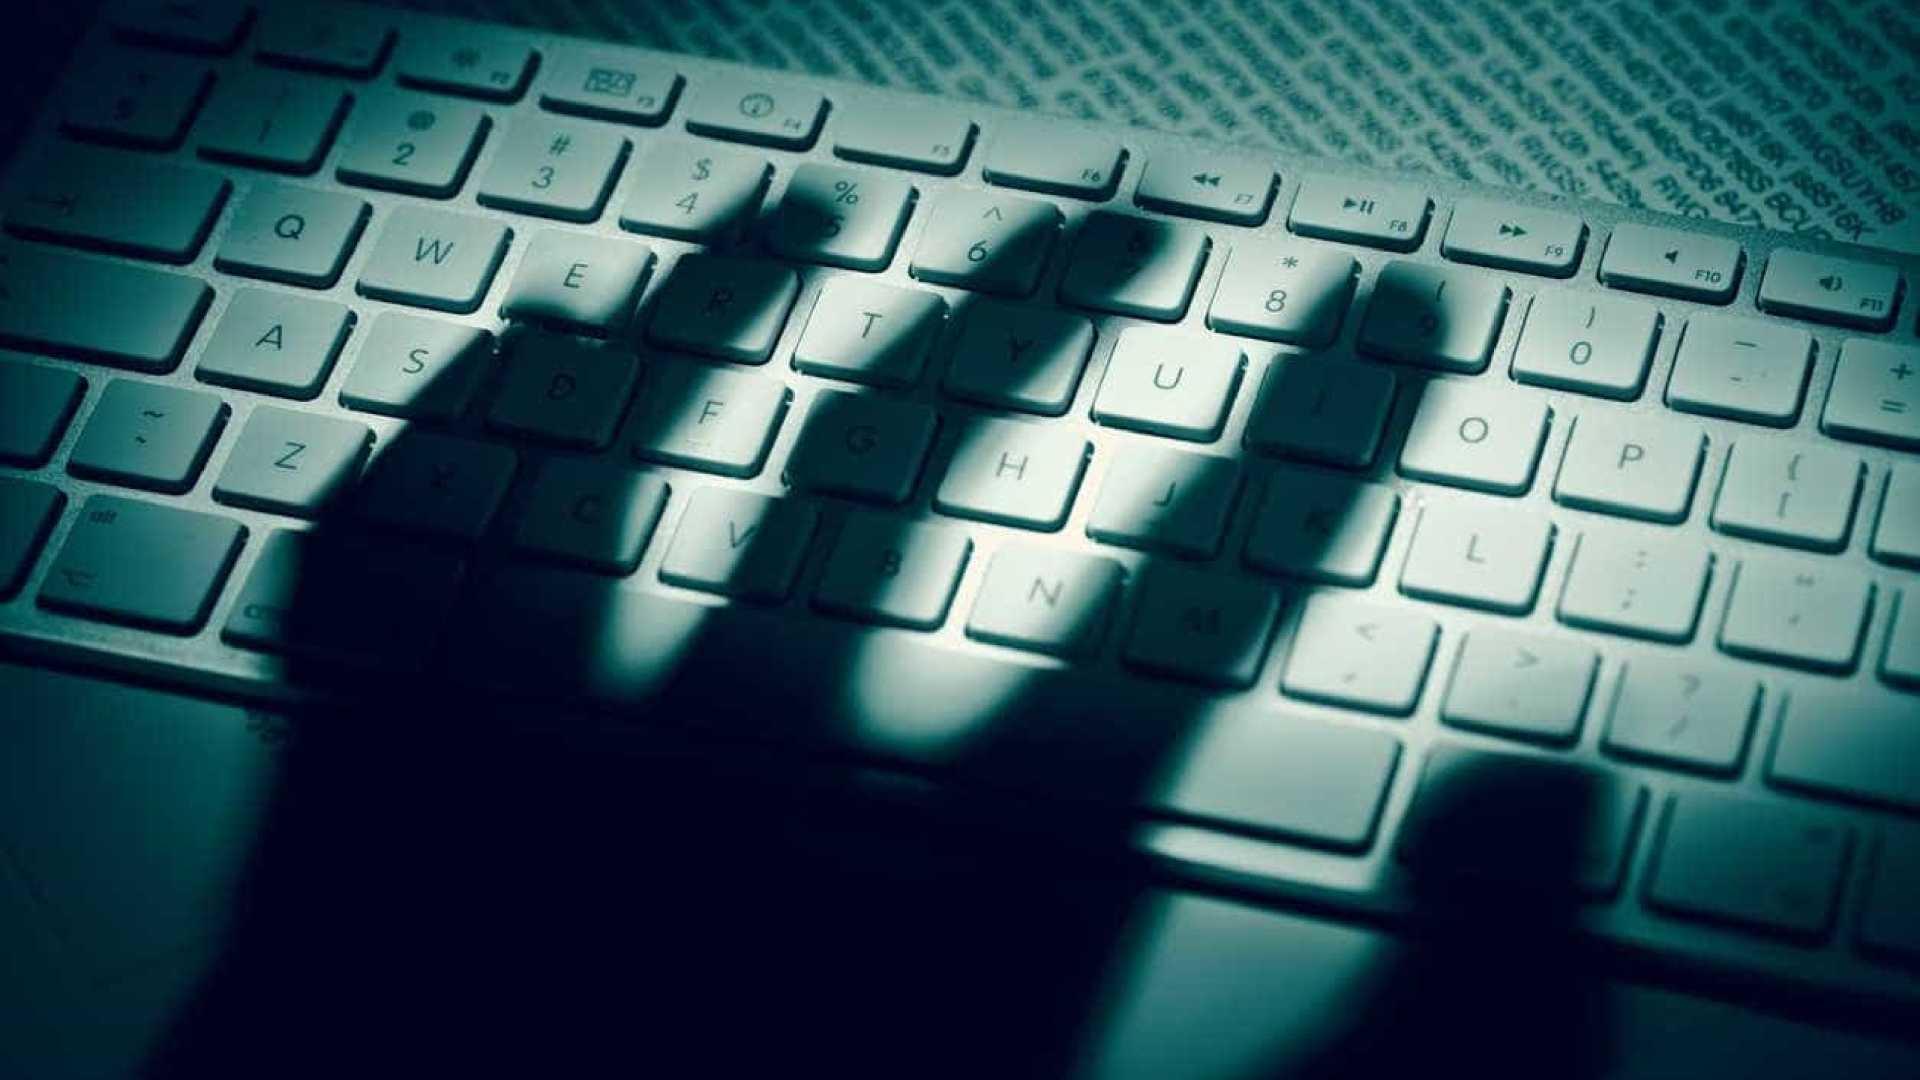 Confira dicas para não ter dados pessoais roubados na internet